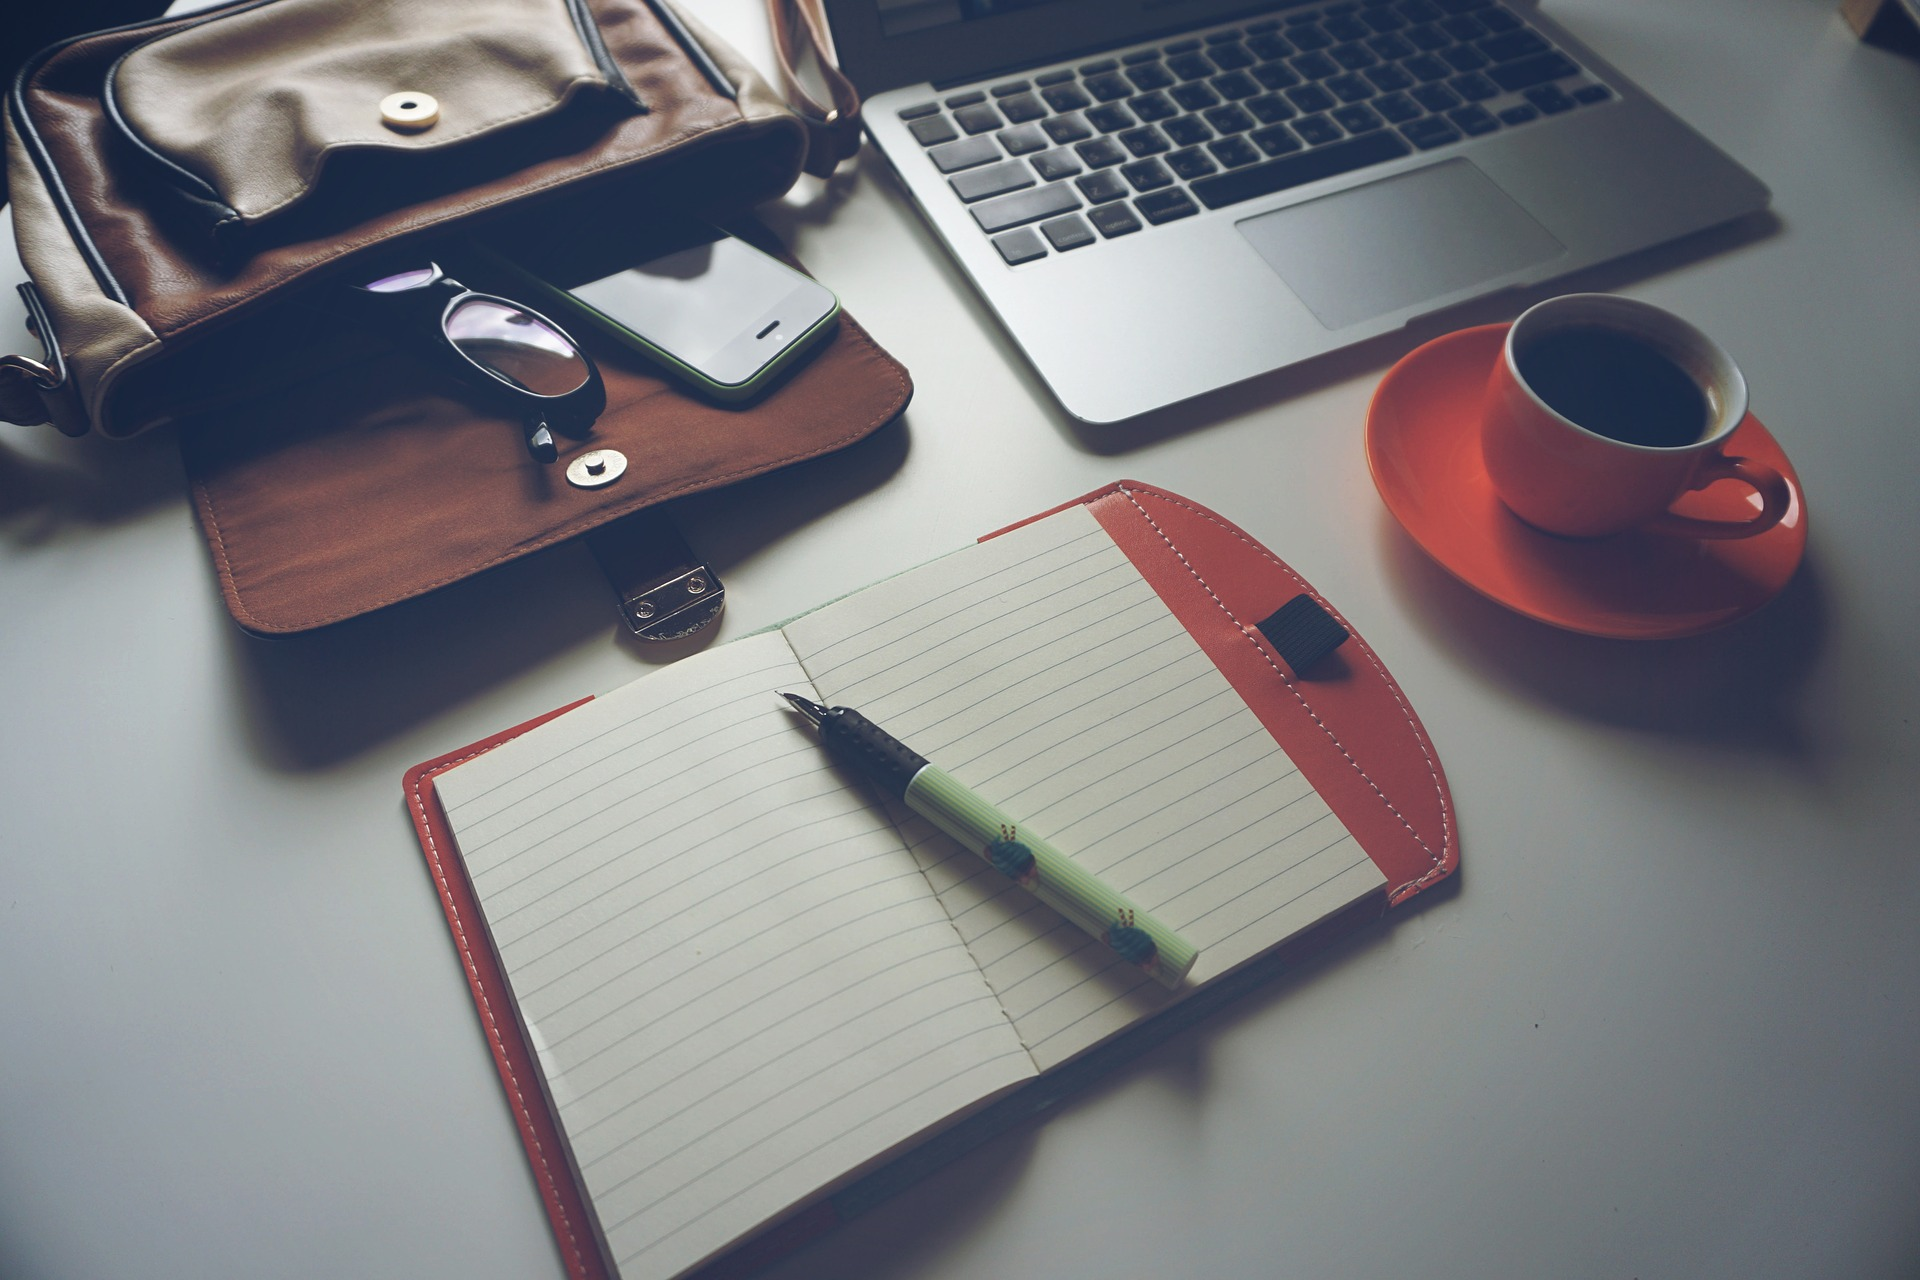 online tanulás nemcsak trendi de szükséges